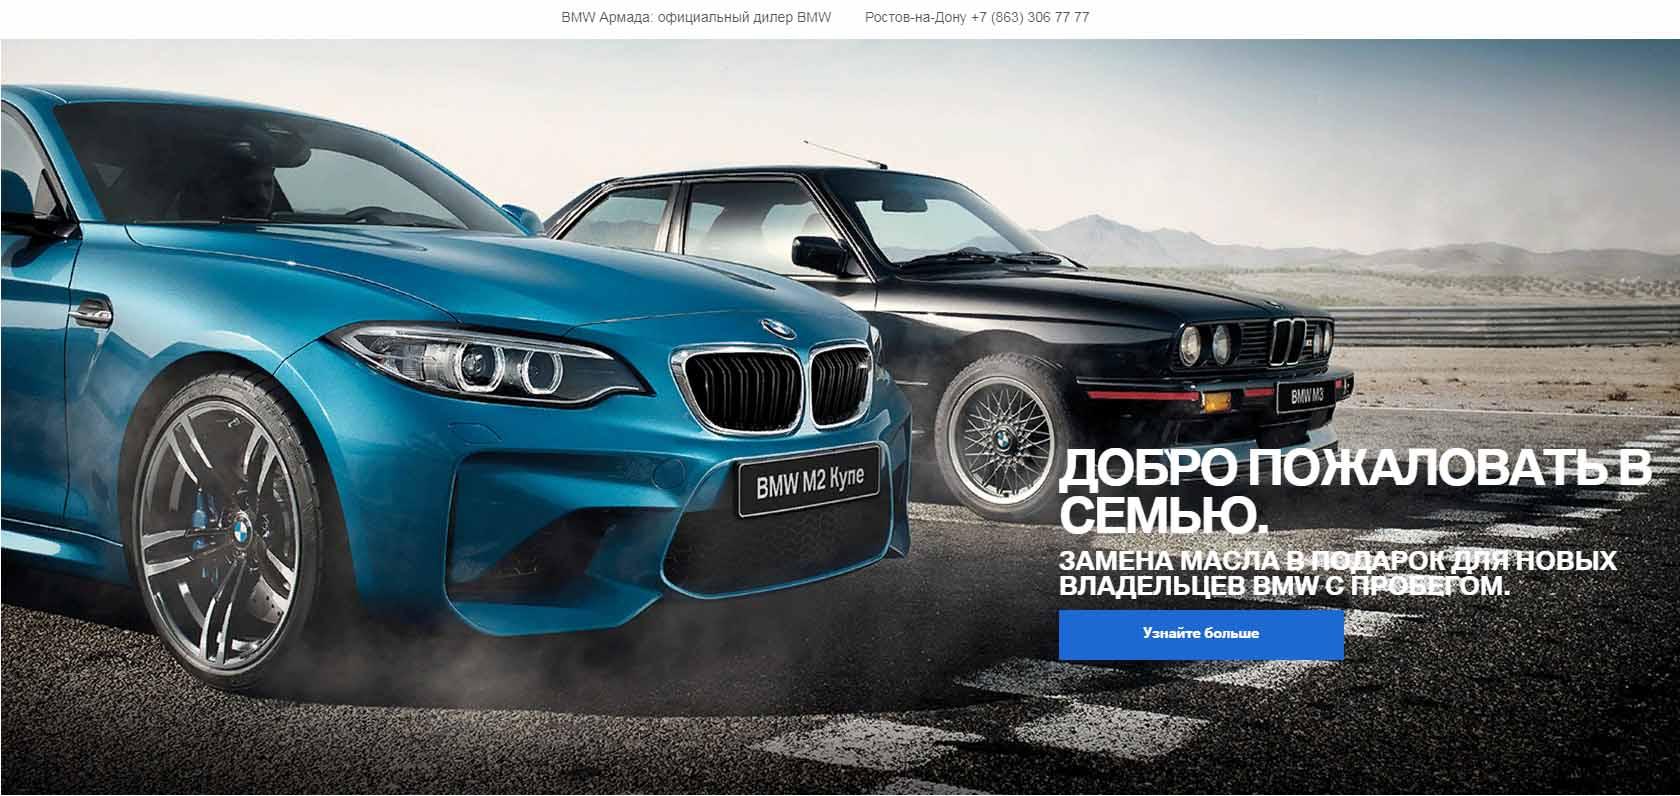 BMW armada